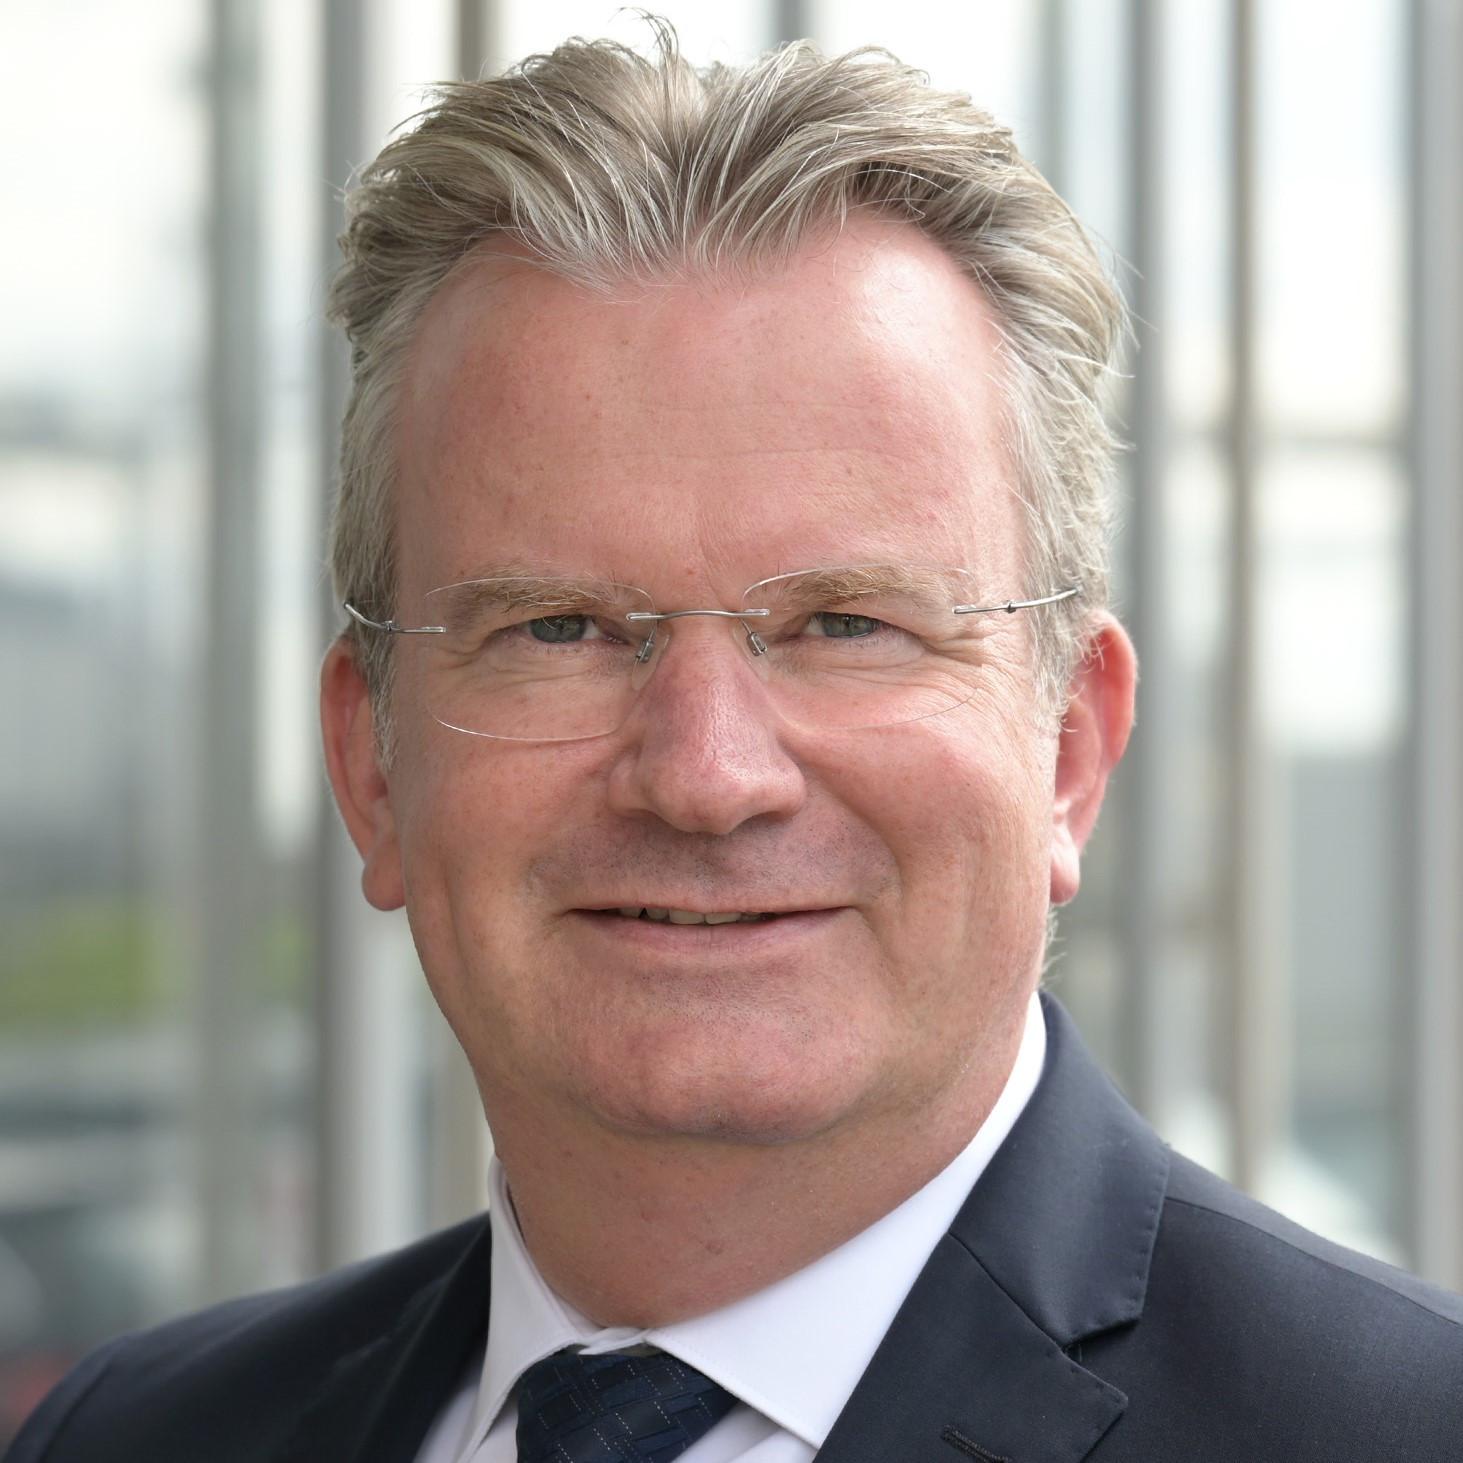 Karl-Heinz-Stauten